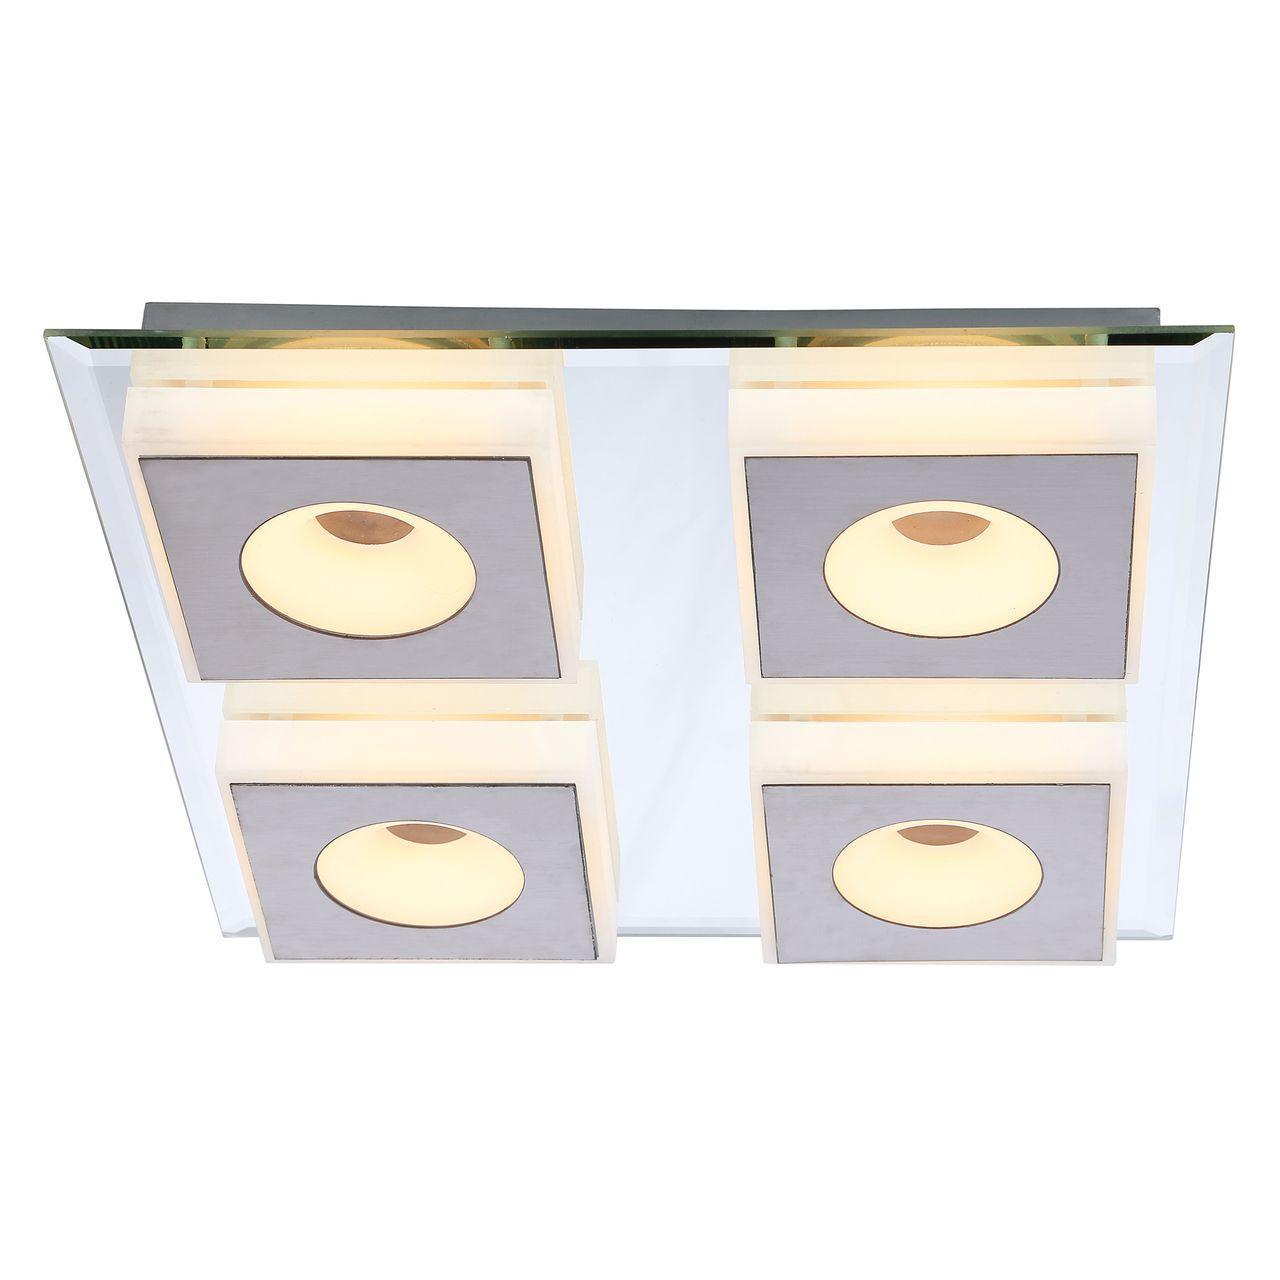 Потолочный светодиодный светильник Globo Bioko 41113-4 светильник потолочный globo light 49239 4